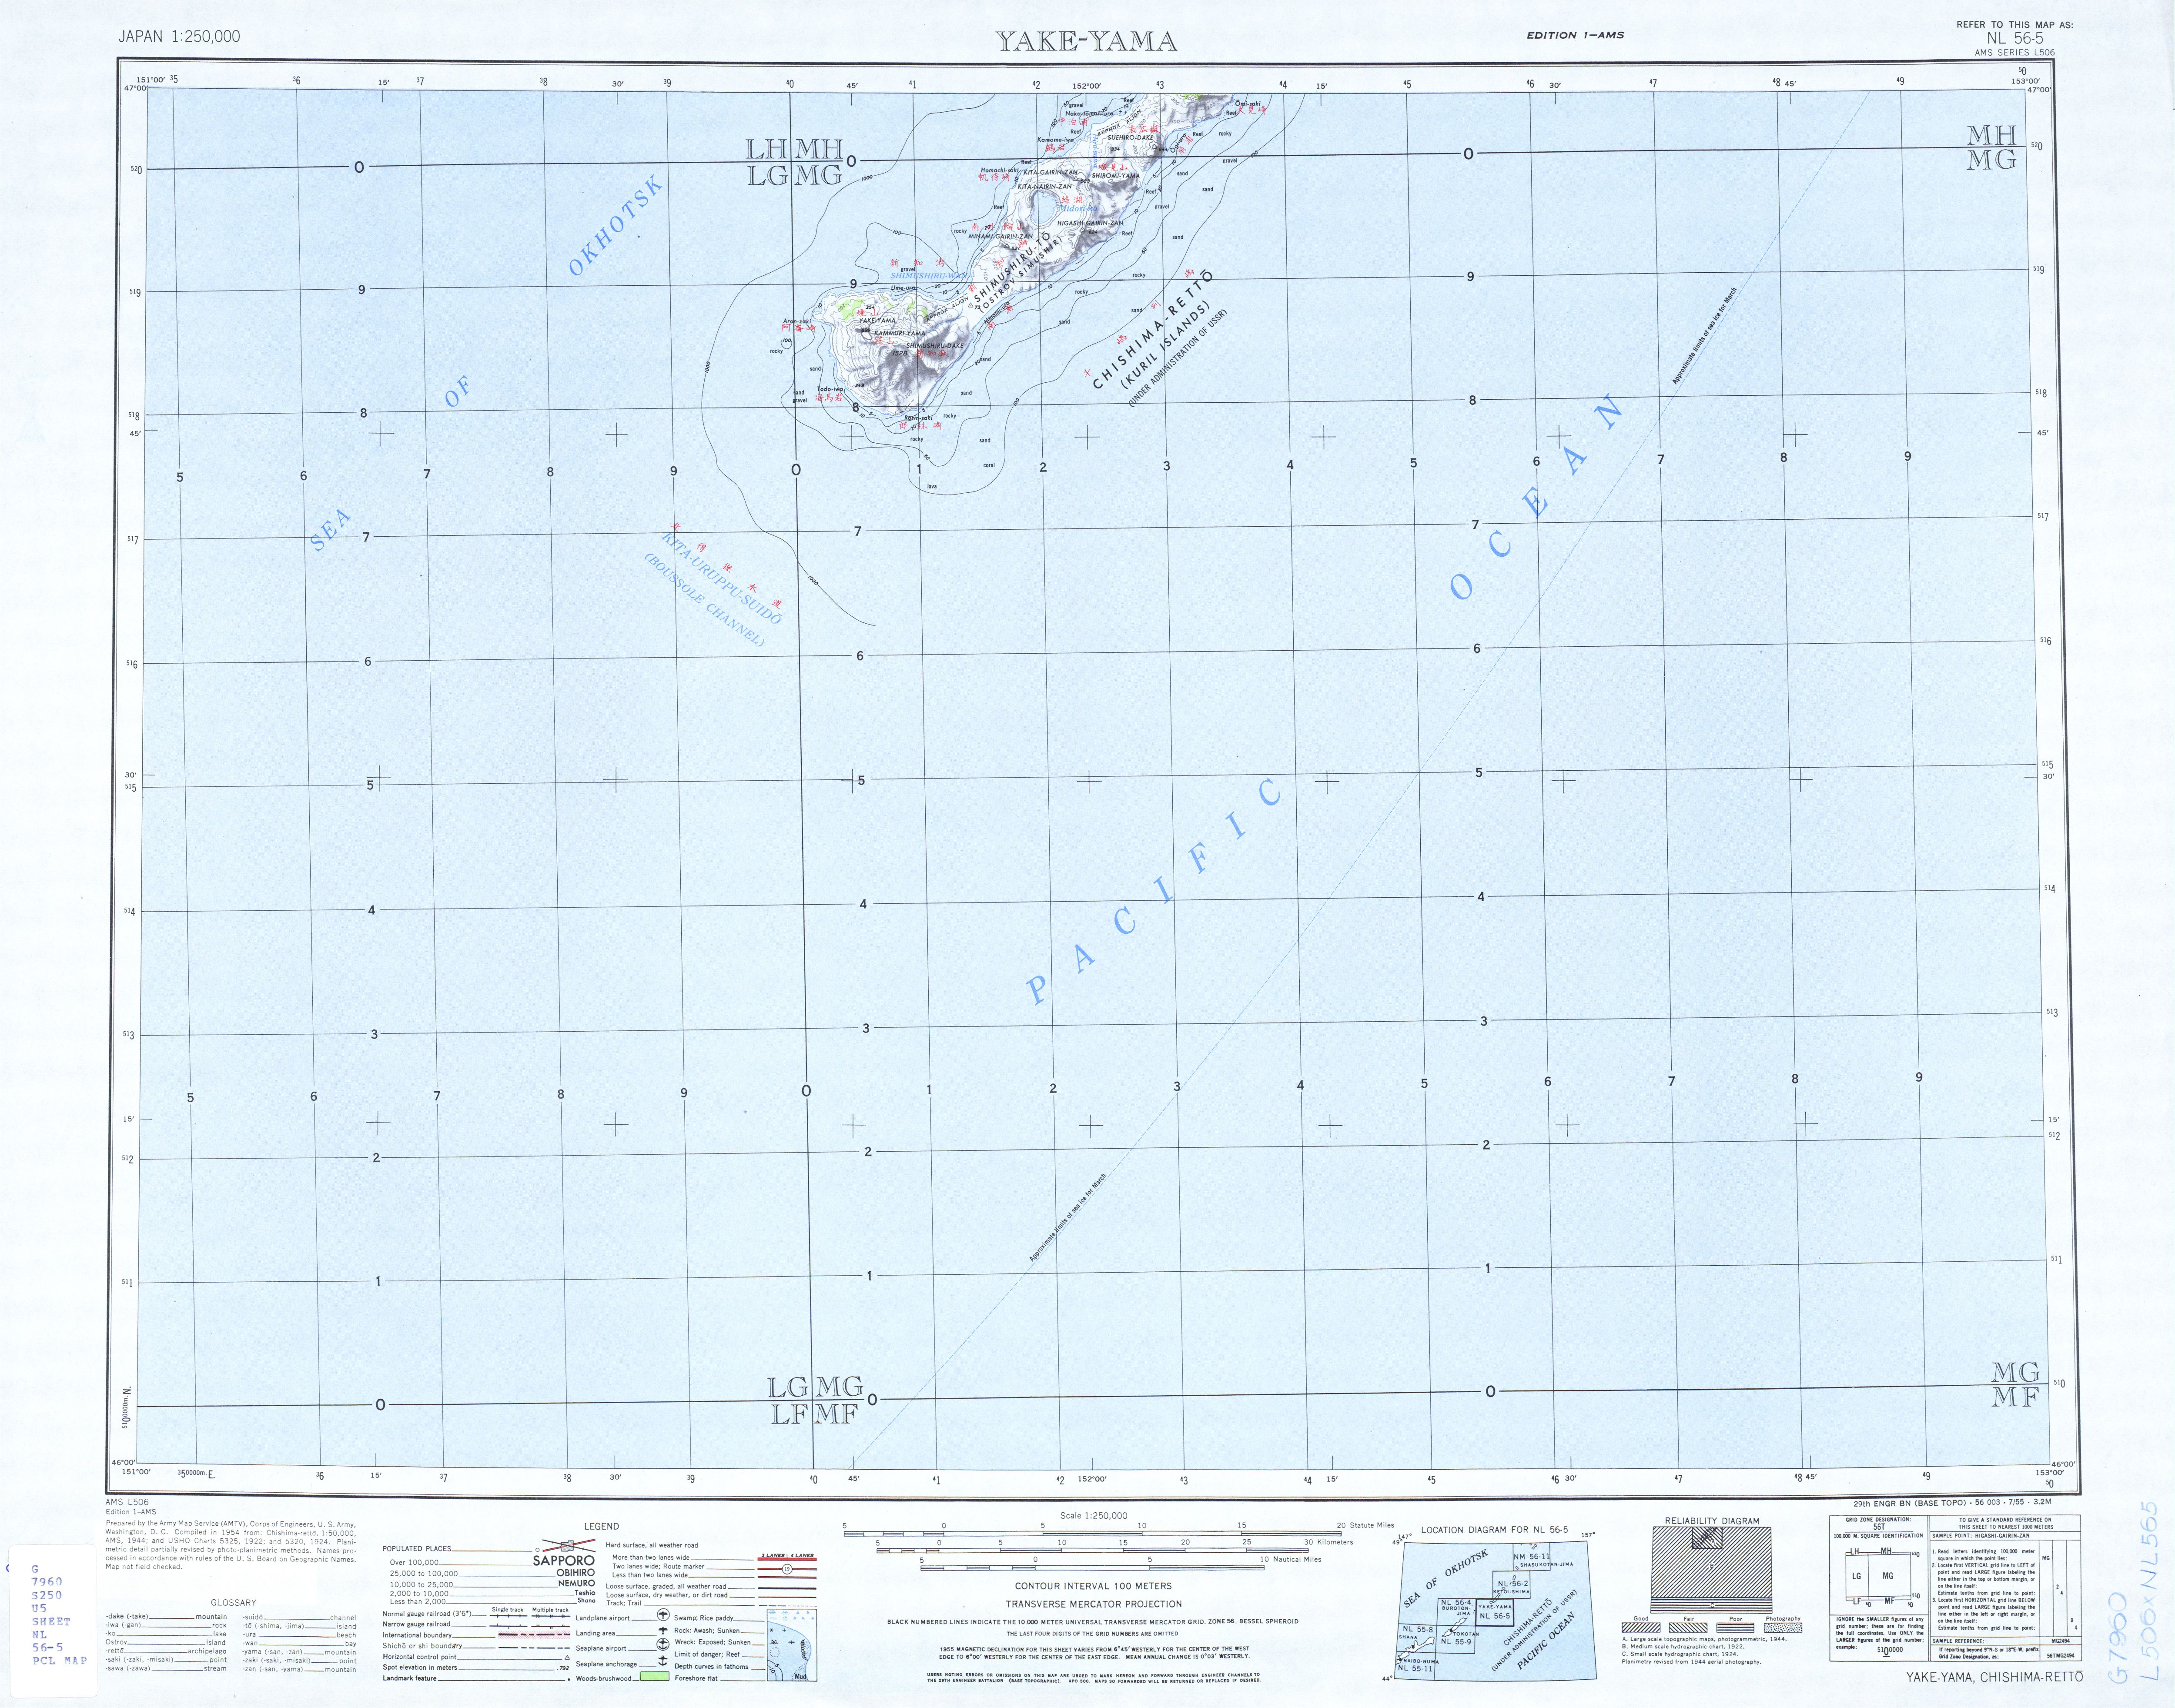 Hoja Yake-Yama del Mapa Topográfico de Japón 1954